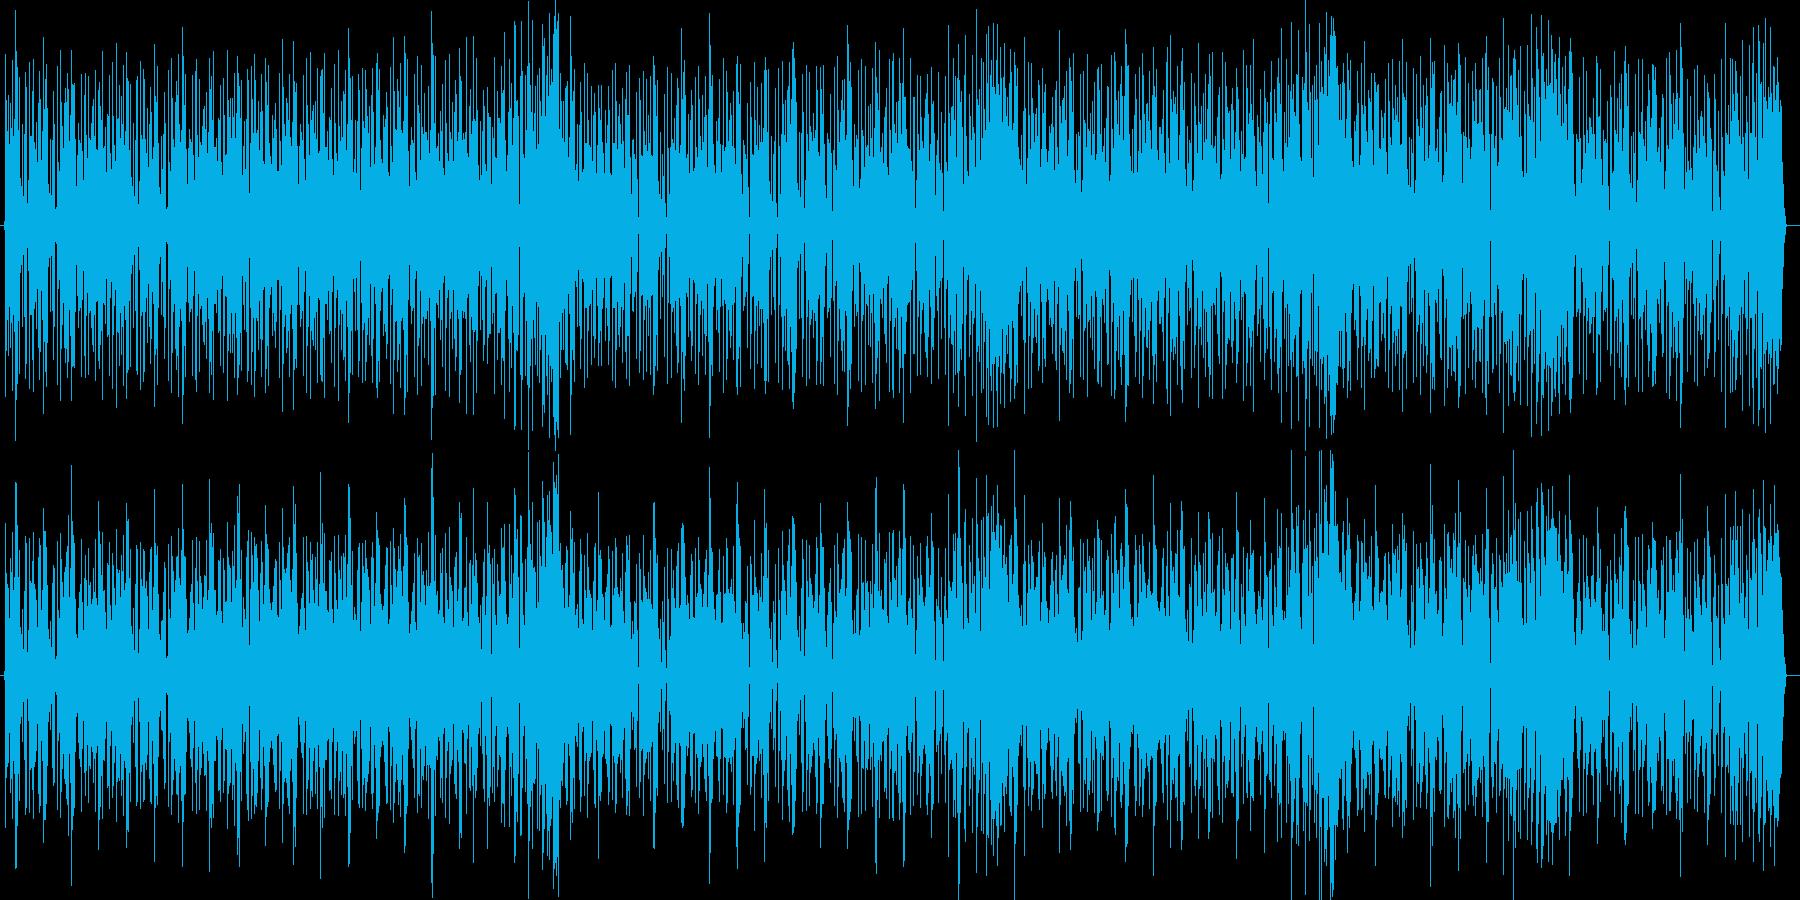 HIPHOPの曲調にメロディーのある曲の再生済みの波形